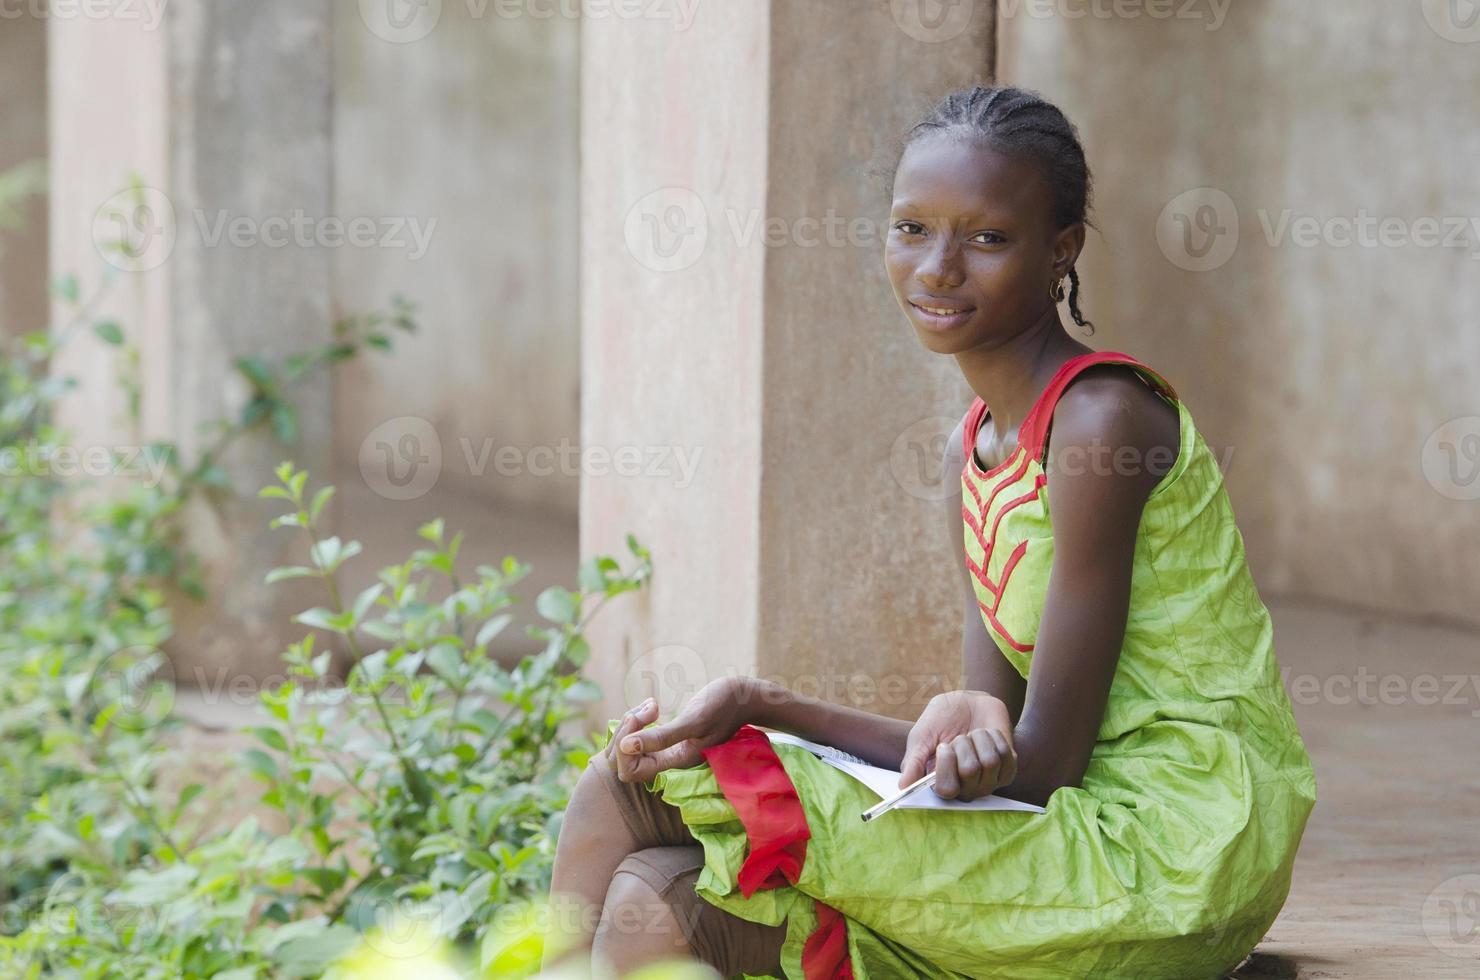 magnifique écolière assise sur les escaliers (symbole de l'éducation) photo